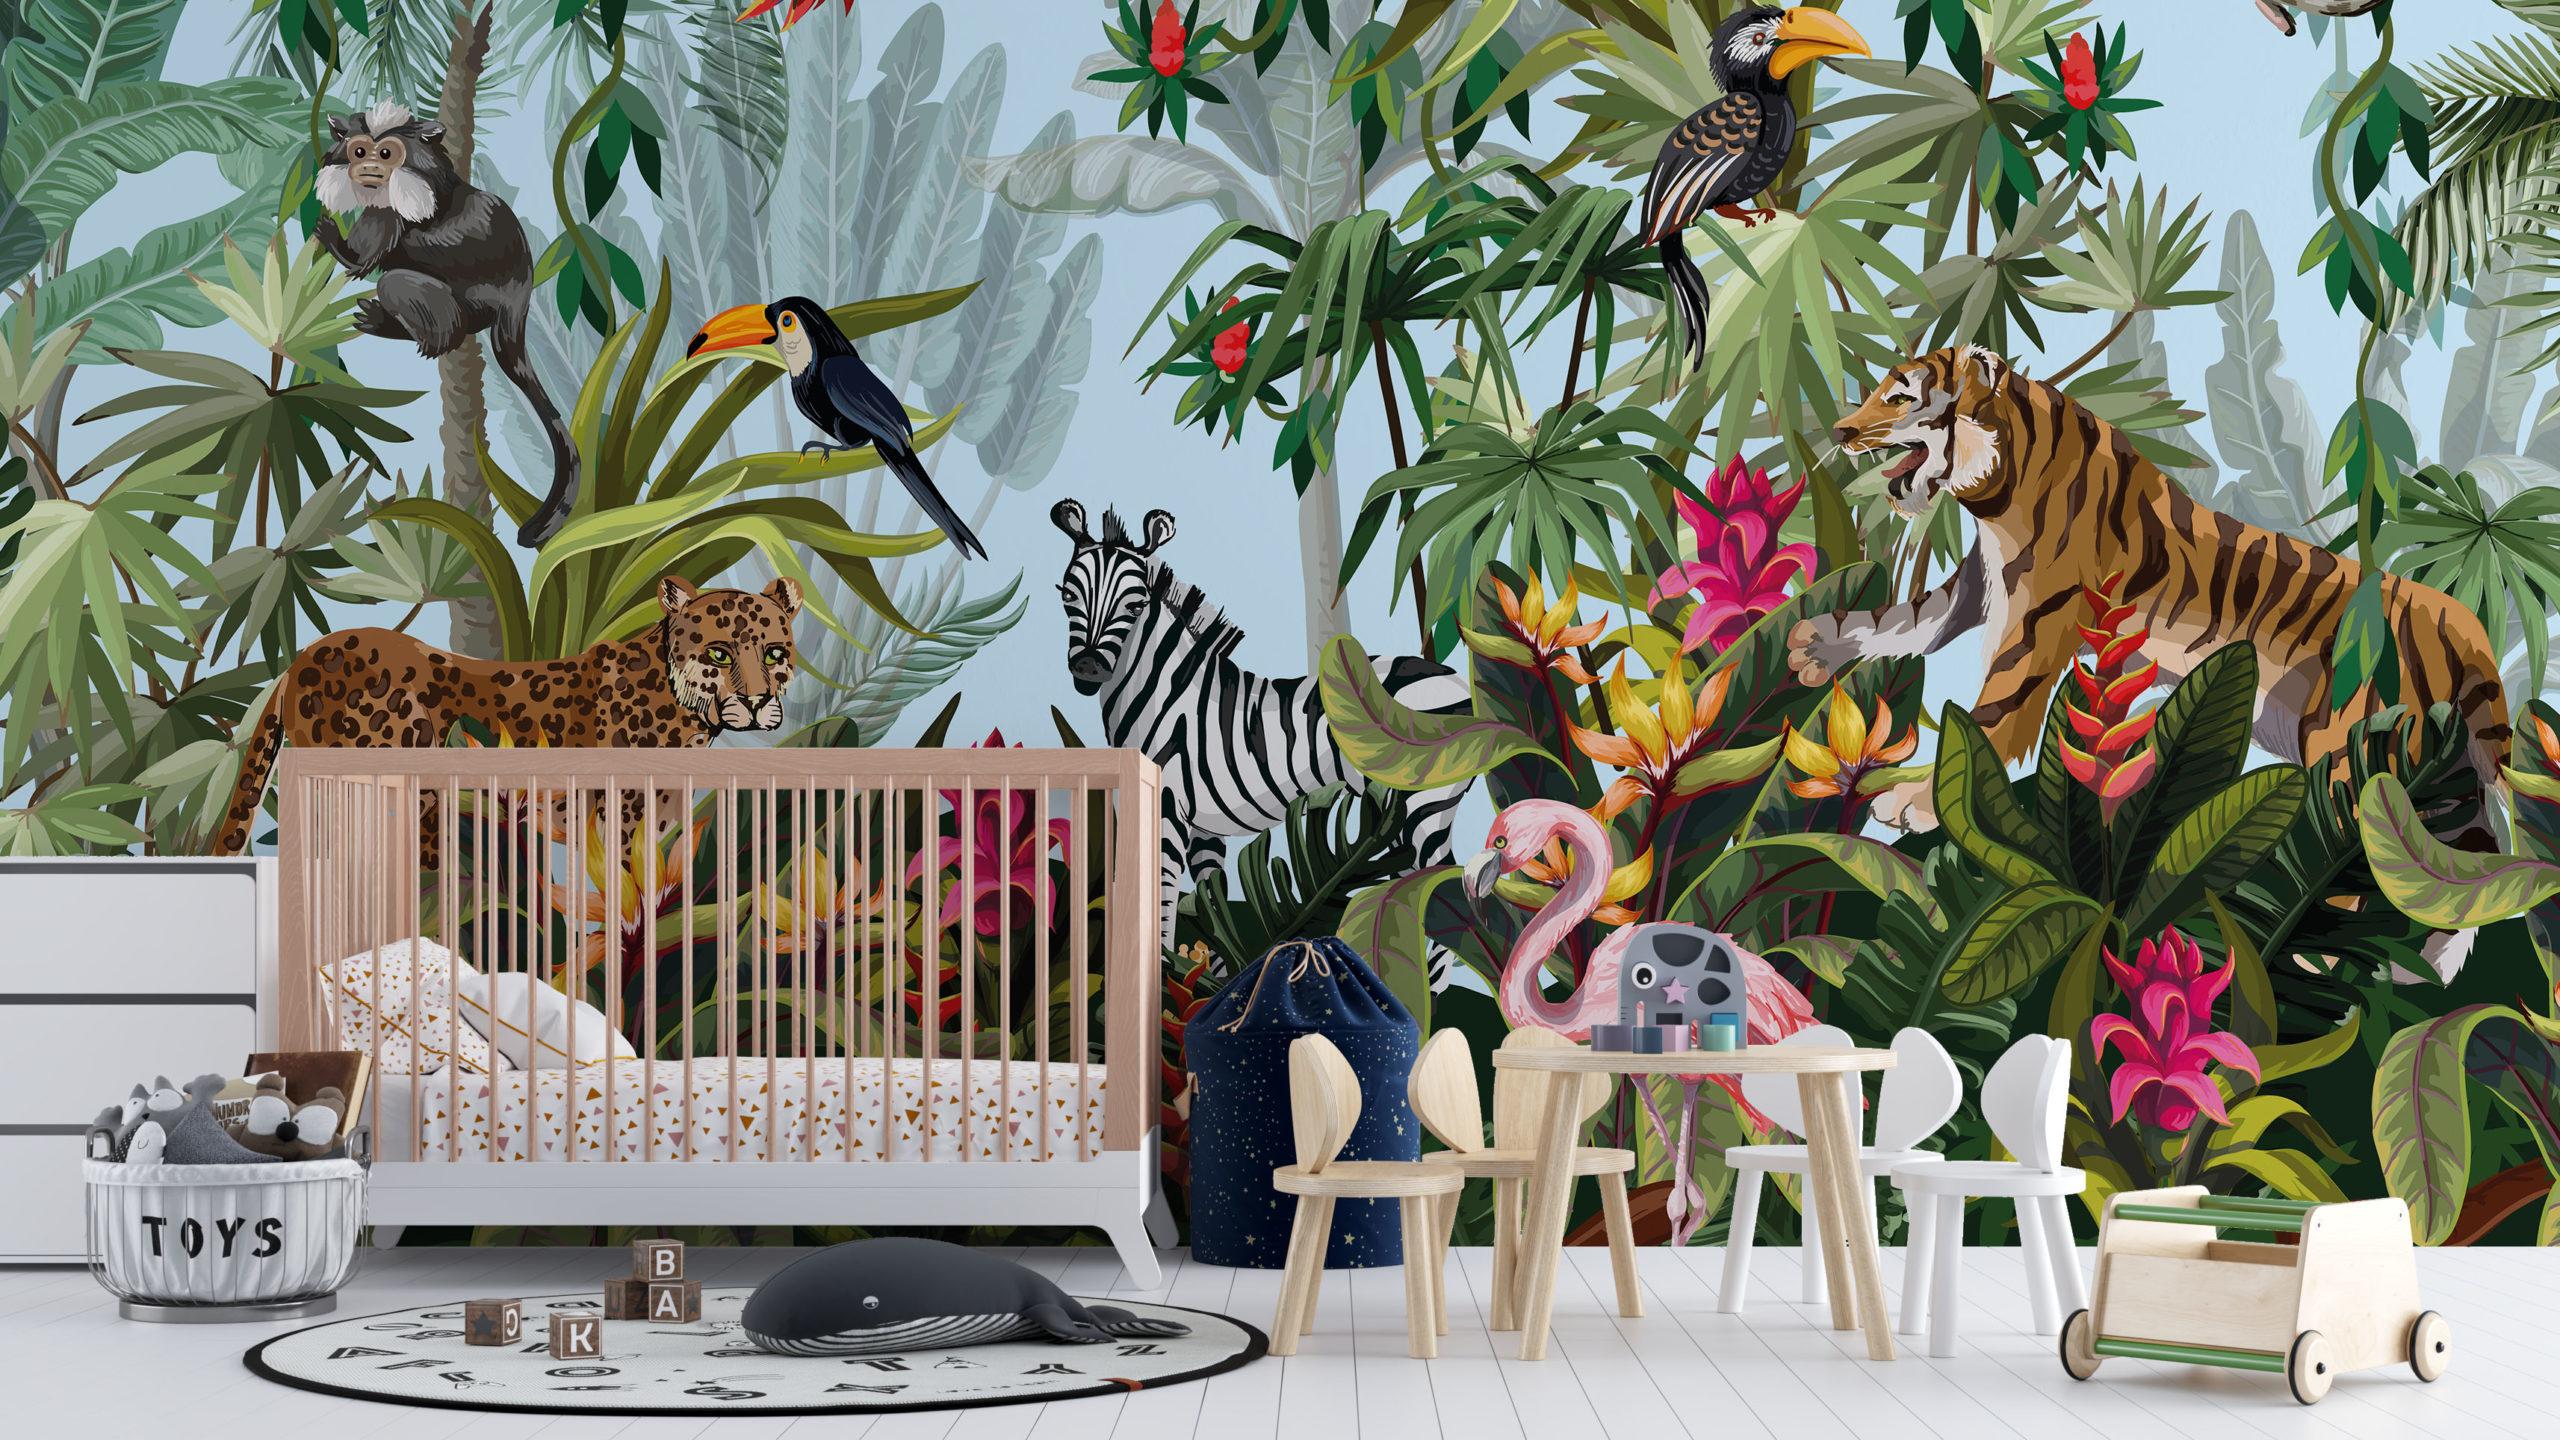 Jungle extravaganza